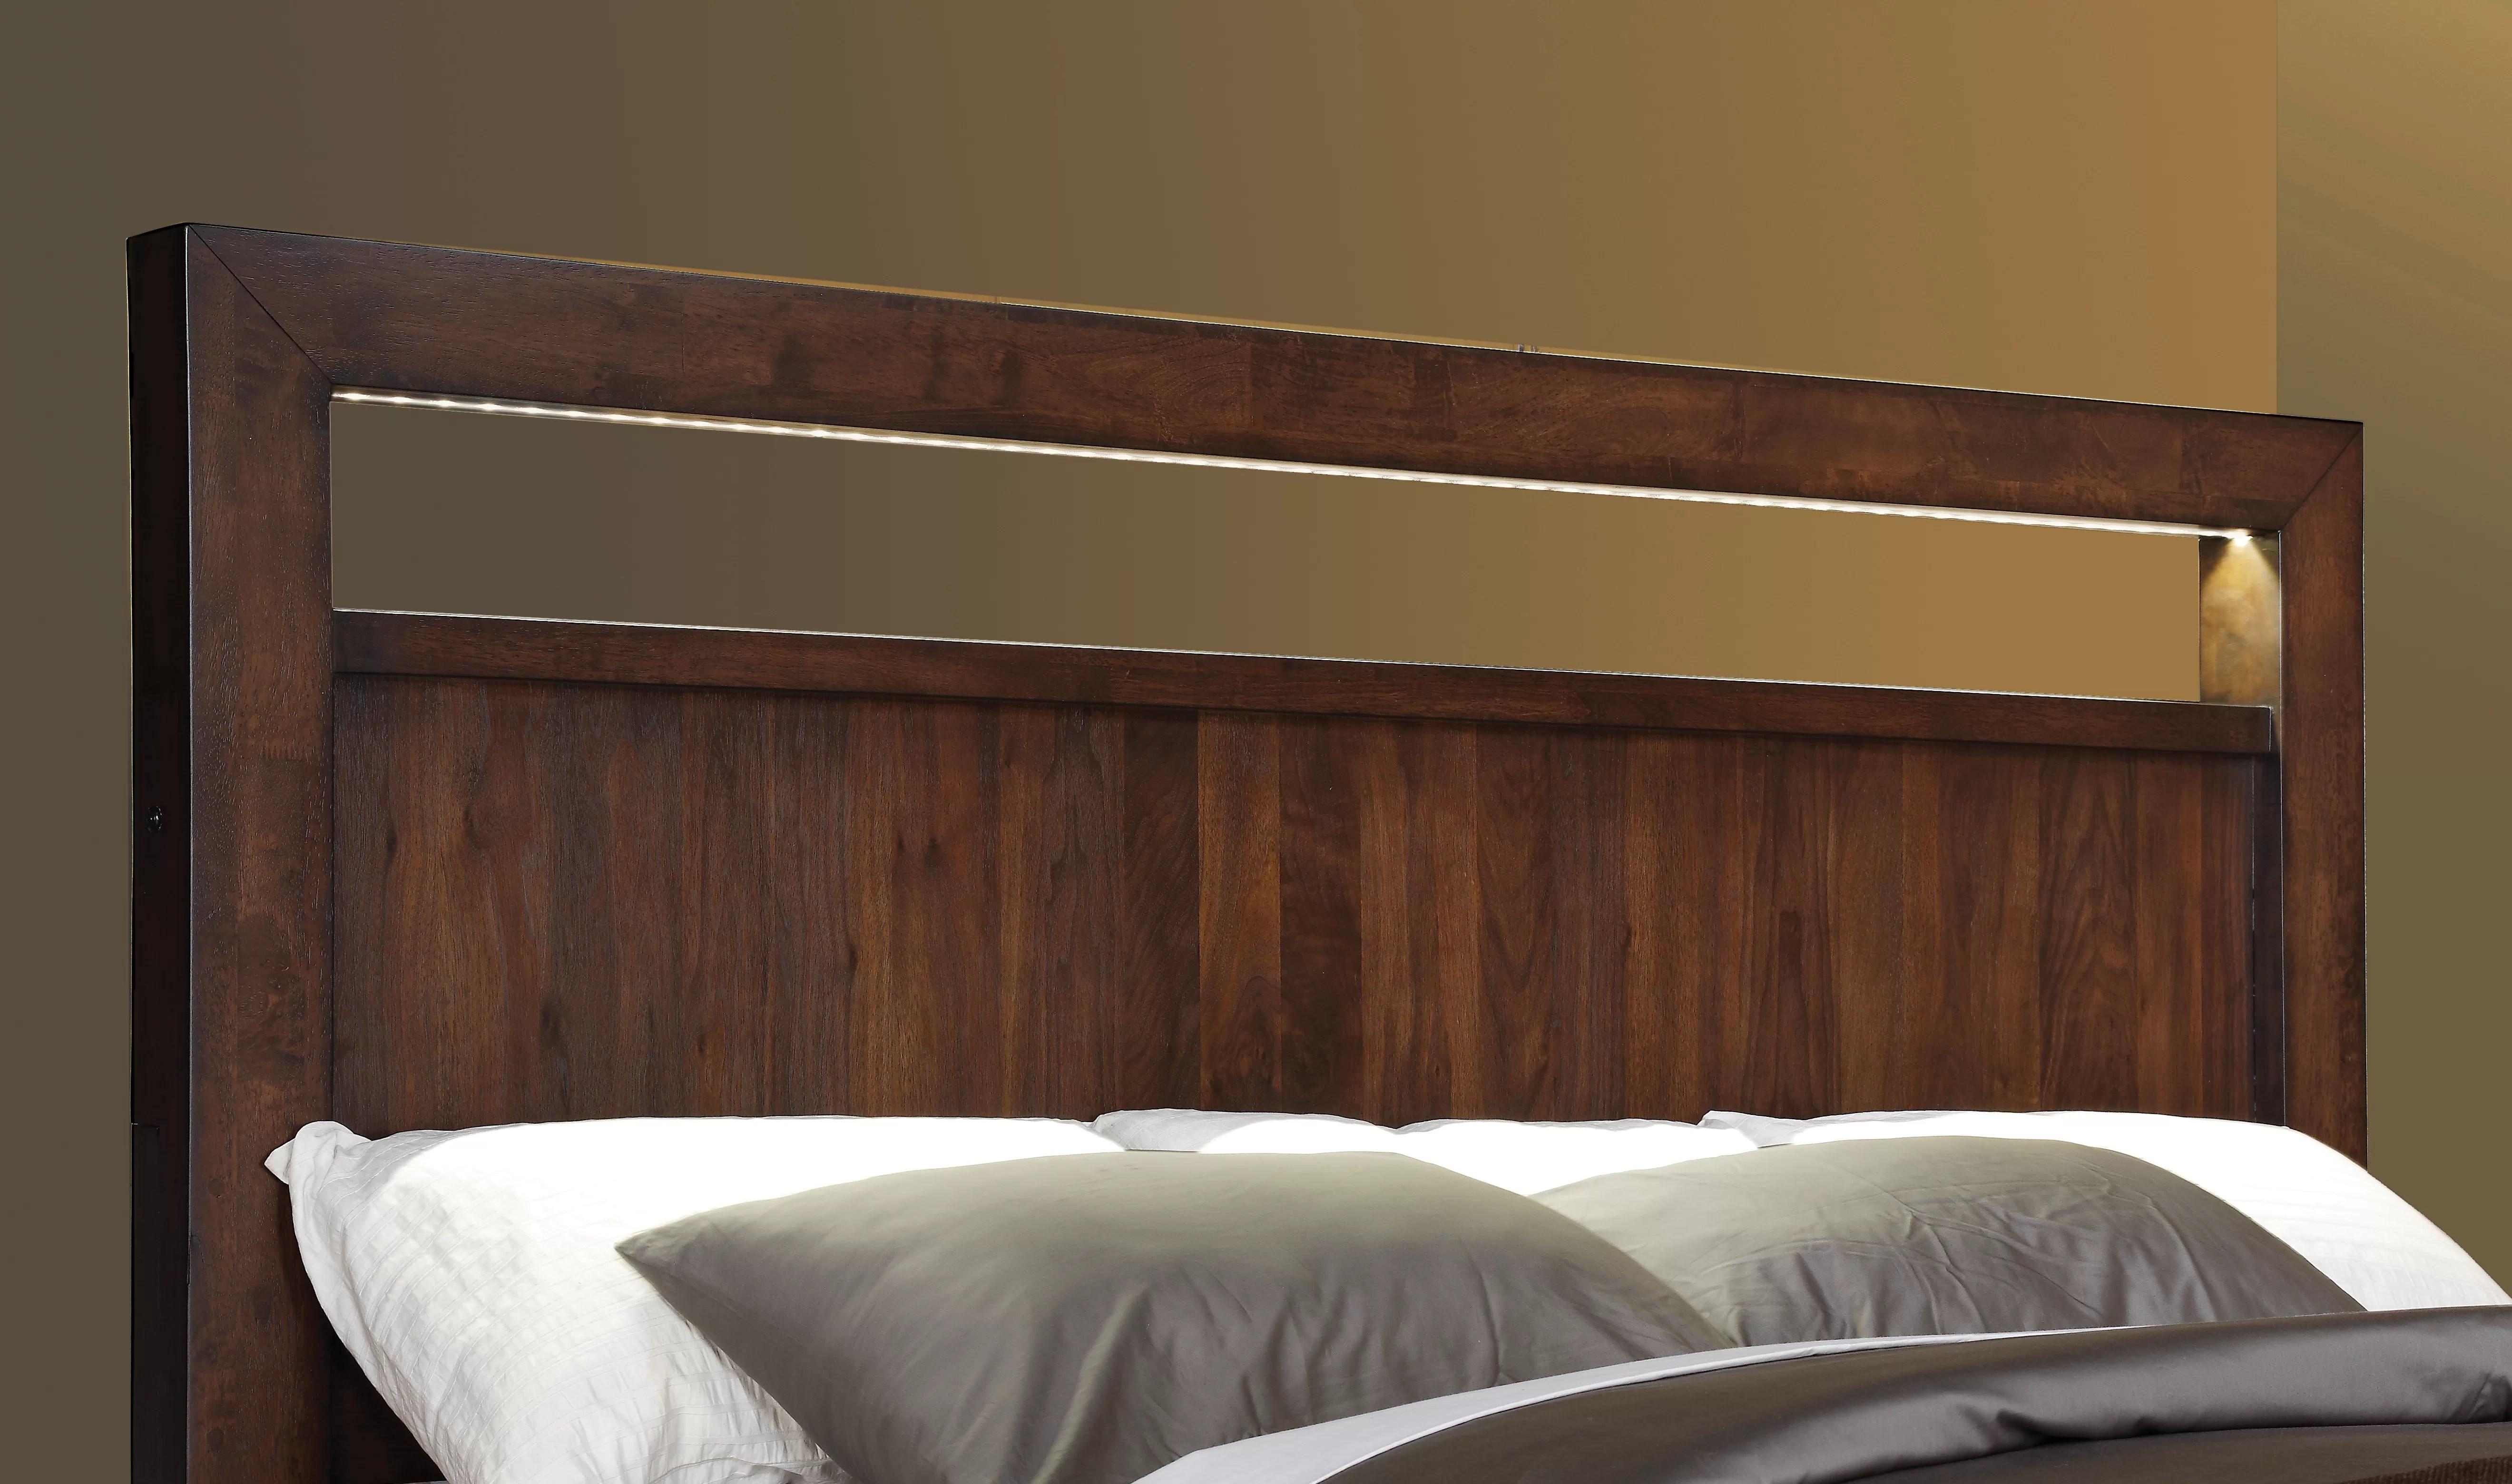 https www wayfair com furniture sb2 brown lighted headboards c414870 a177 74516 a73872 272147 html